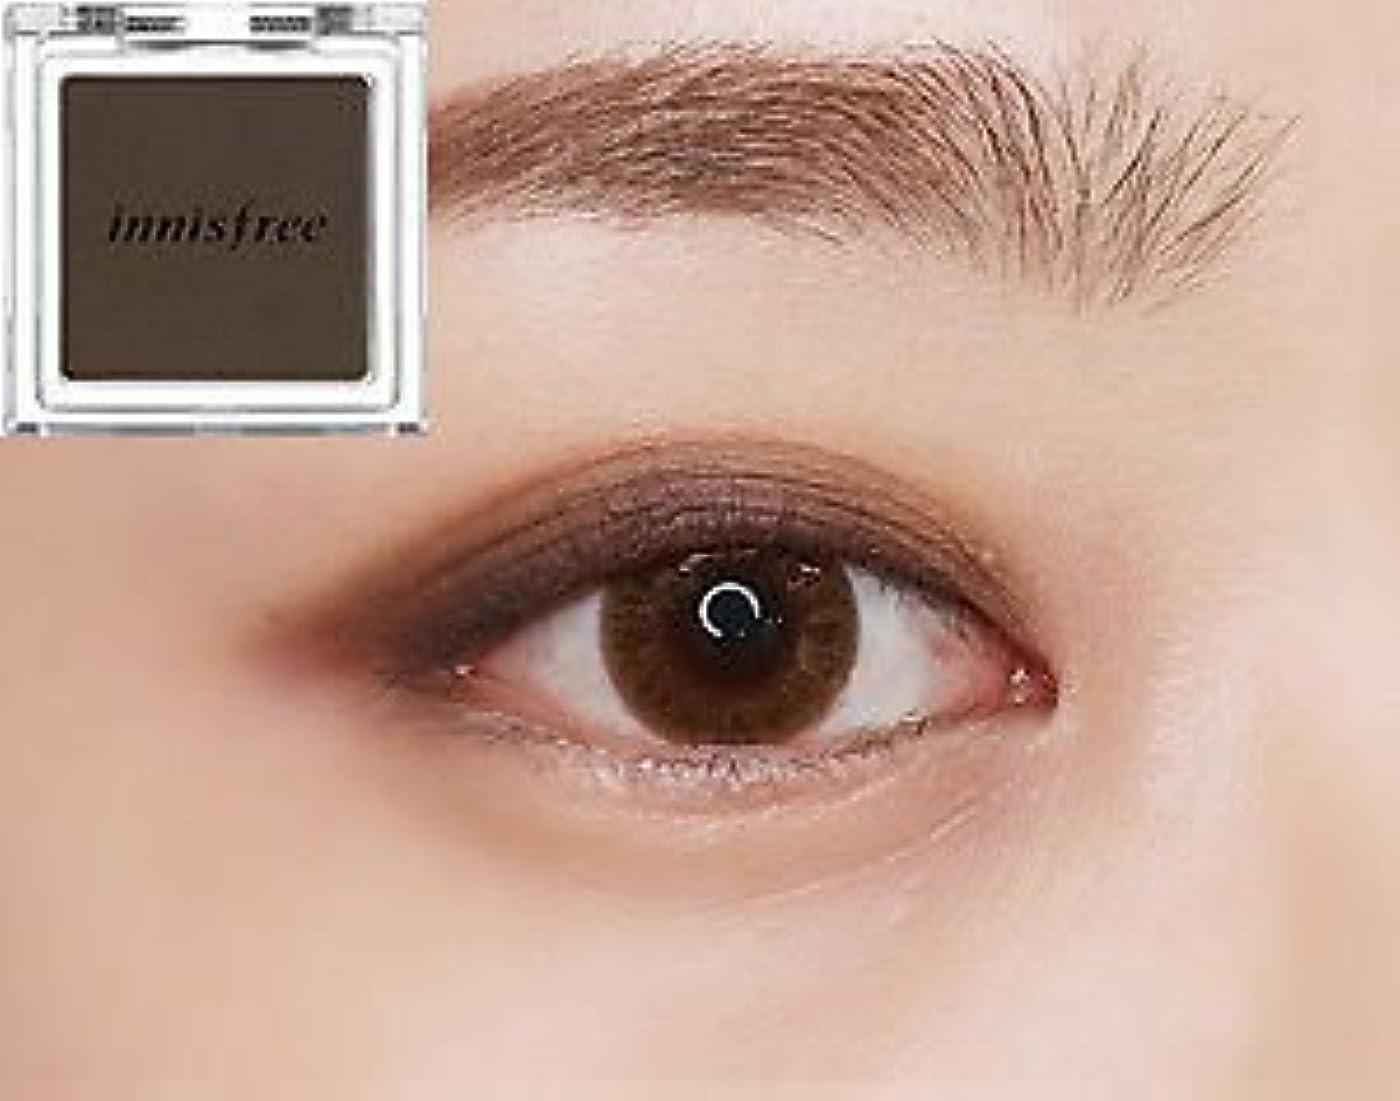 ペア憎しみユーモア[イニスフリー] innisfree [マイ パレット マイ アイシャドウ (マット) 40カラー] MY PALETTE My Eyeshadow (Matte) 40 Shades [海外直送品] (マット #22)